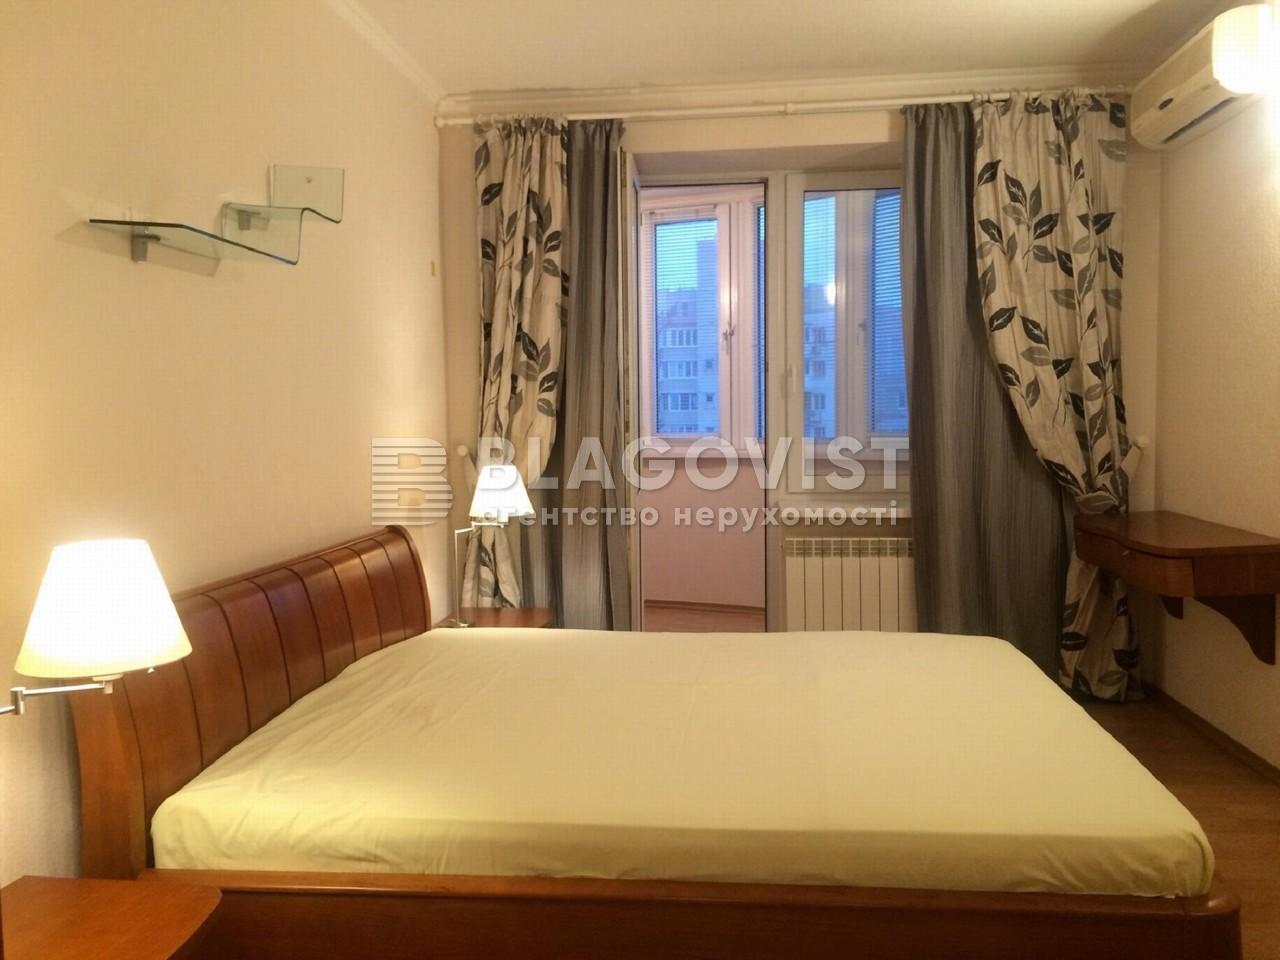 Квартира M-36130, Никольско-Слободская, 6б, Киев - Фото 6